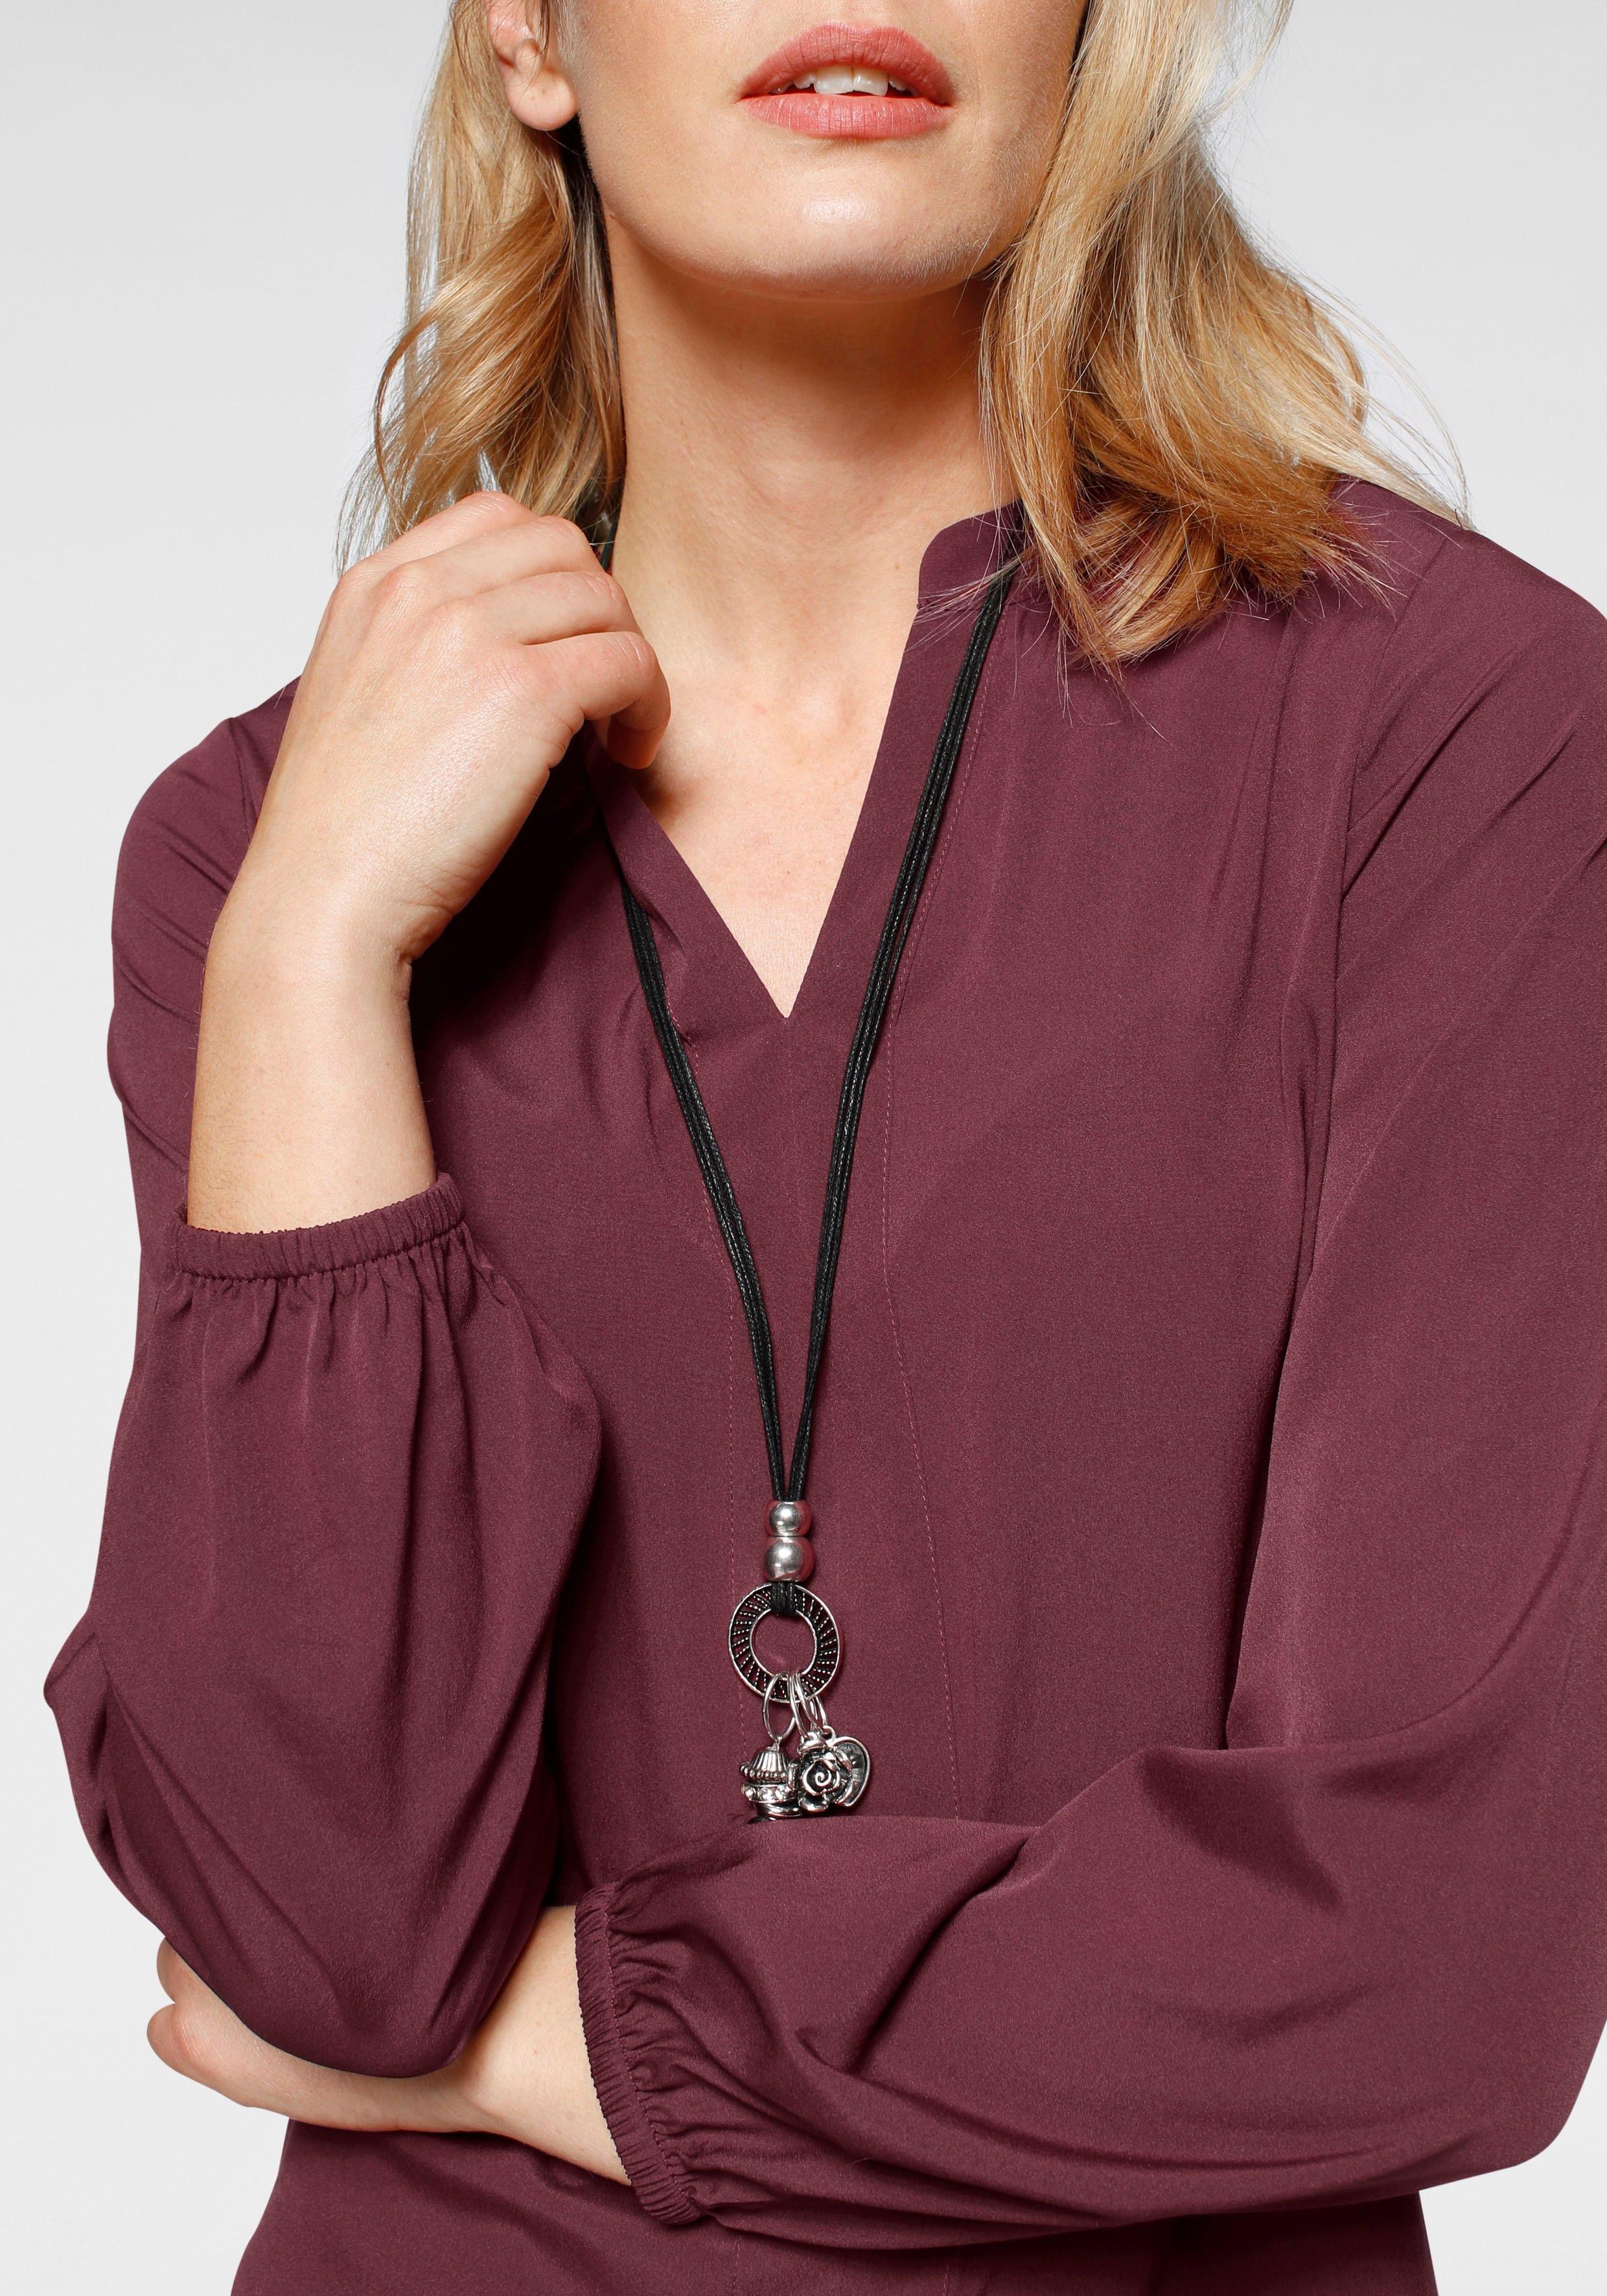 Flashlights blouse zonder sluiting in tuniekstijl (set, Set van 2) goedkoop op otto.nl kopen